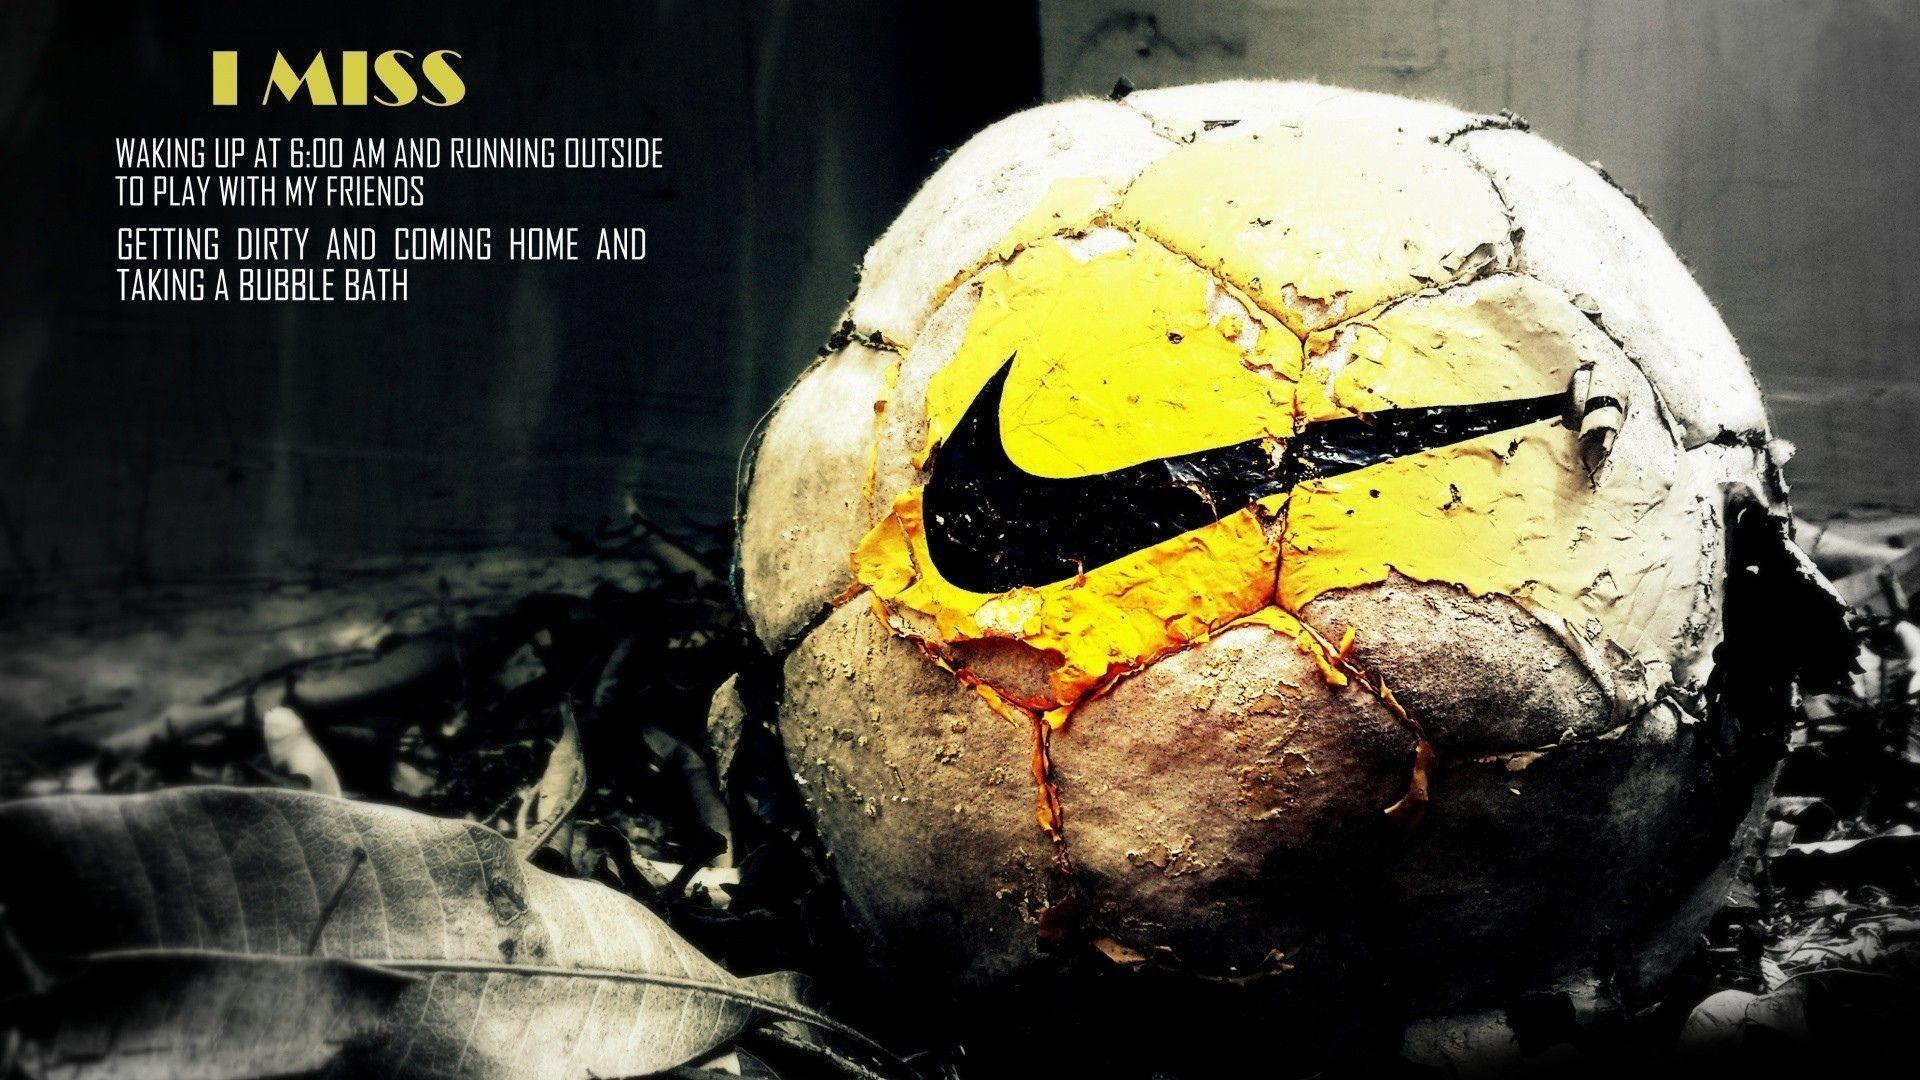 Good Wallpaper High Quality Football - aee3491871ff866480243a1d1bde1b65  Pic_274025.jpg